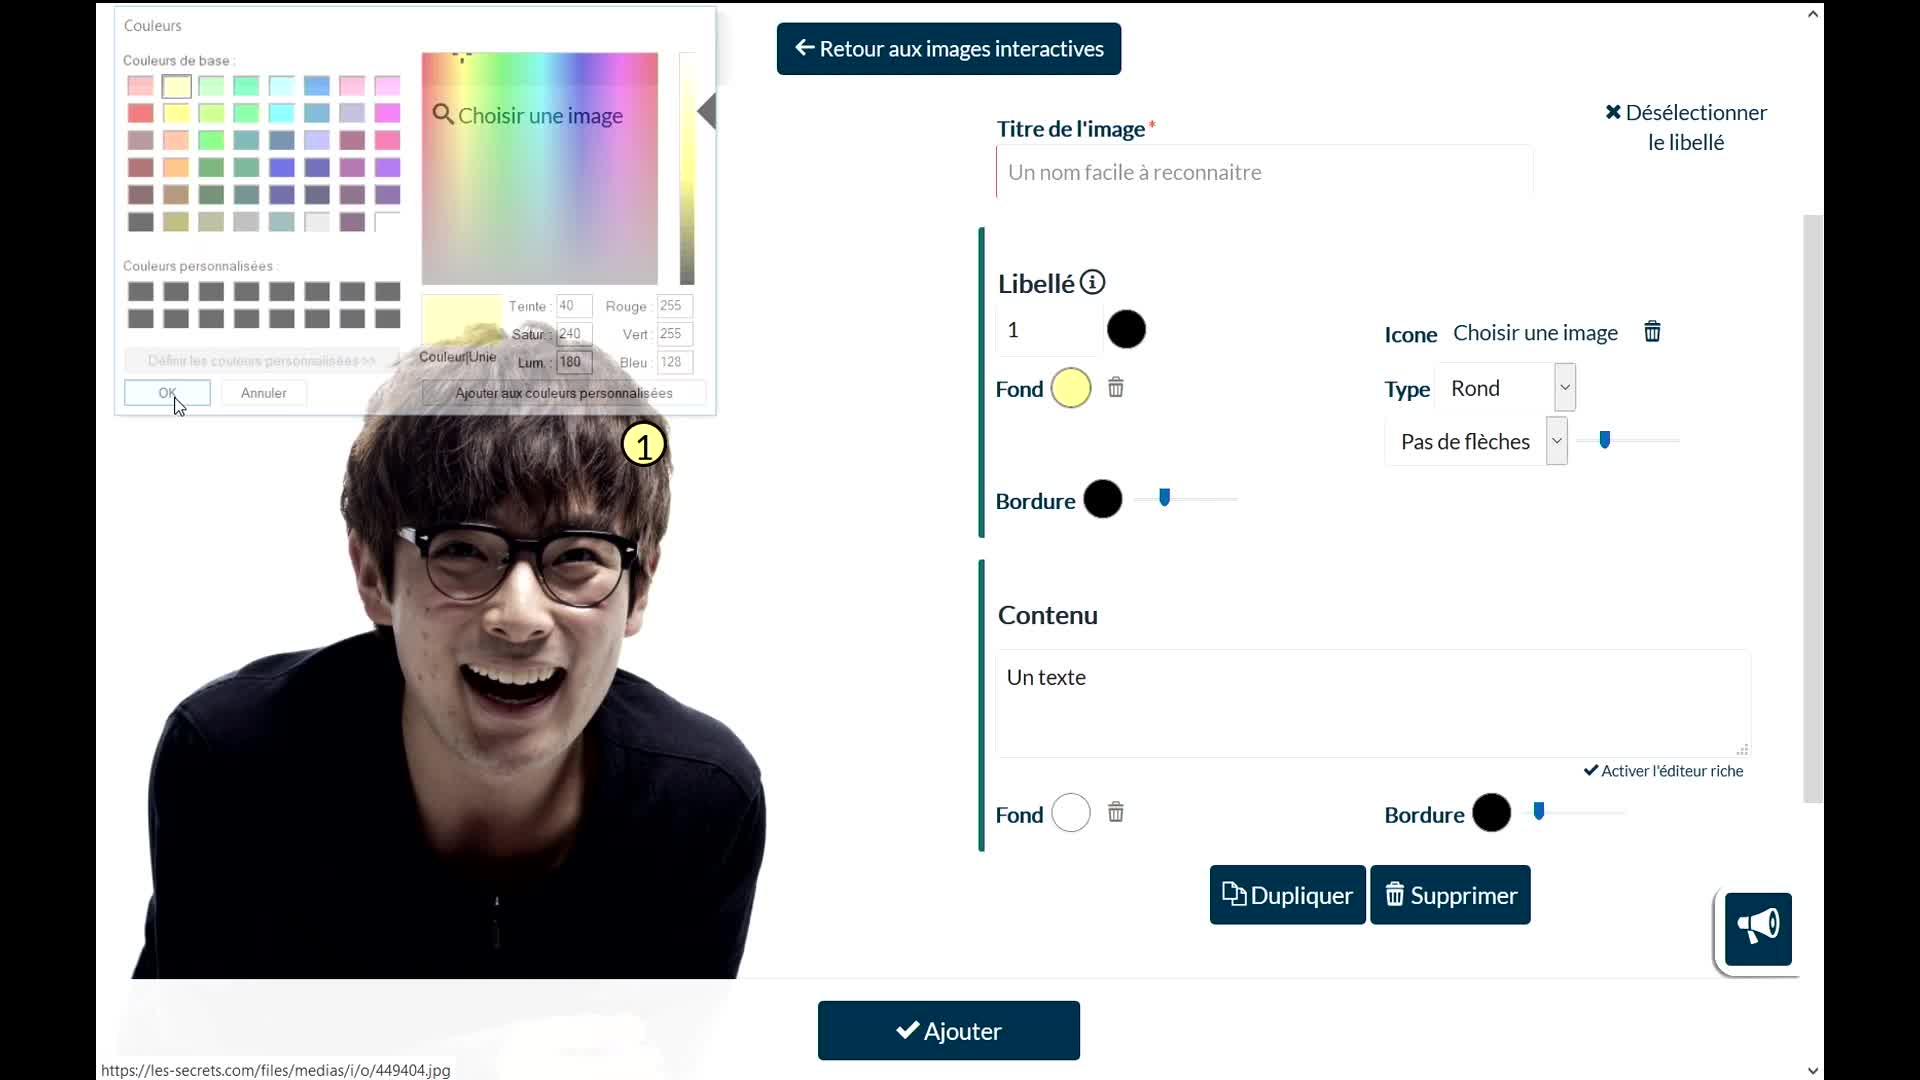 Vignette de [Développement] Des images interactives et des icônes personnalisables